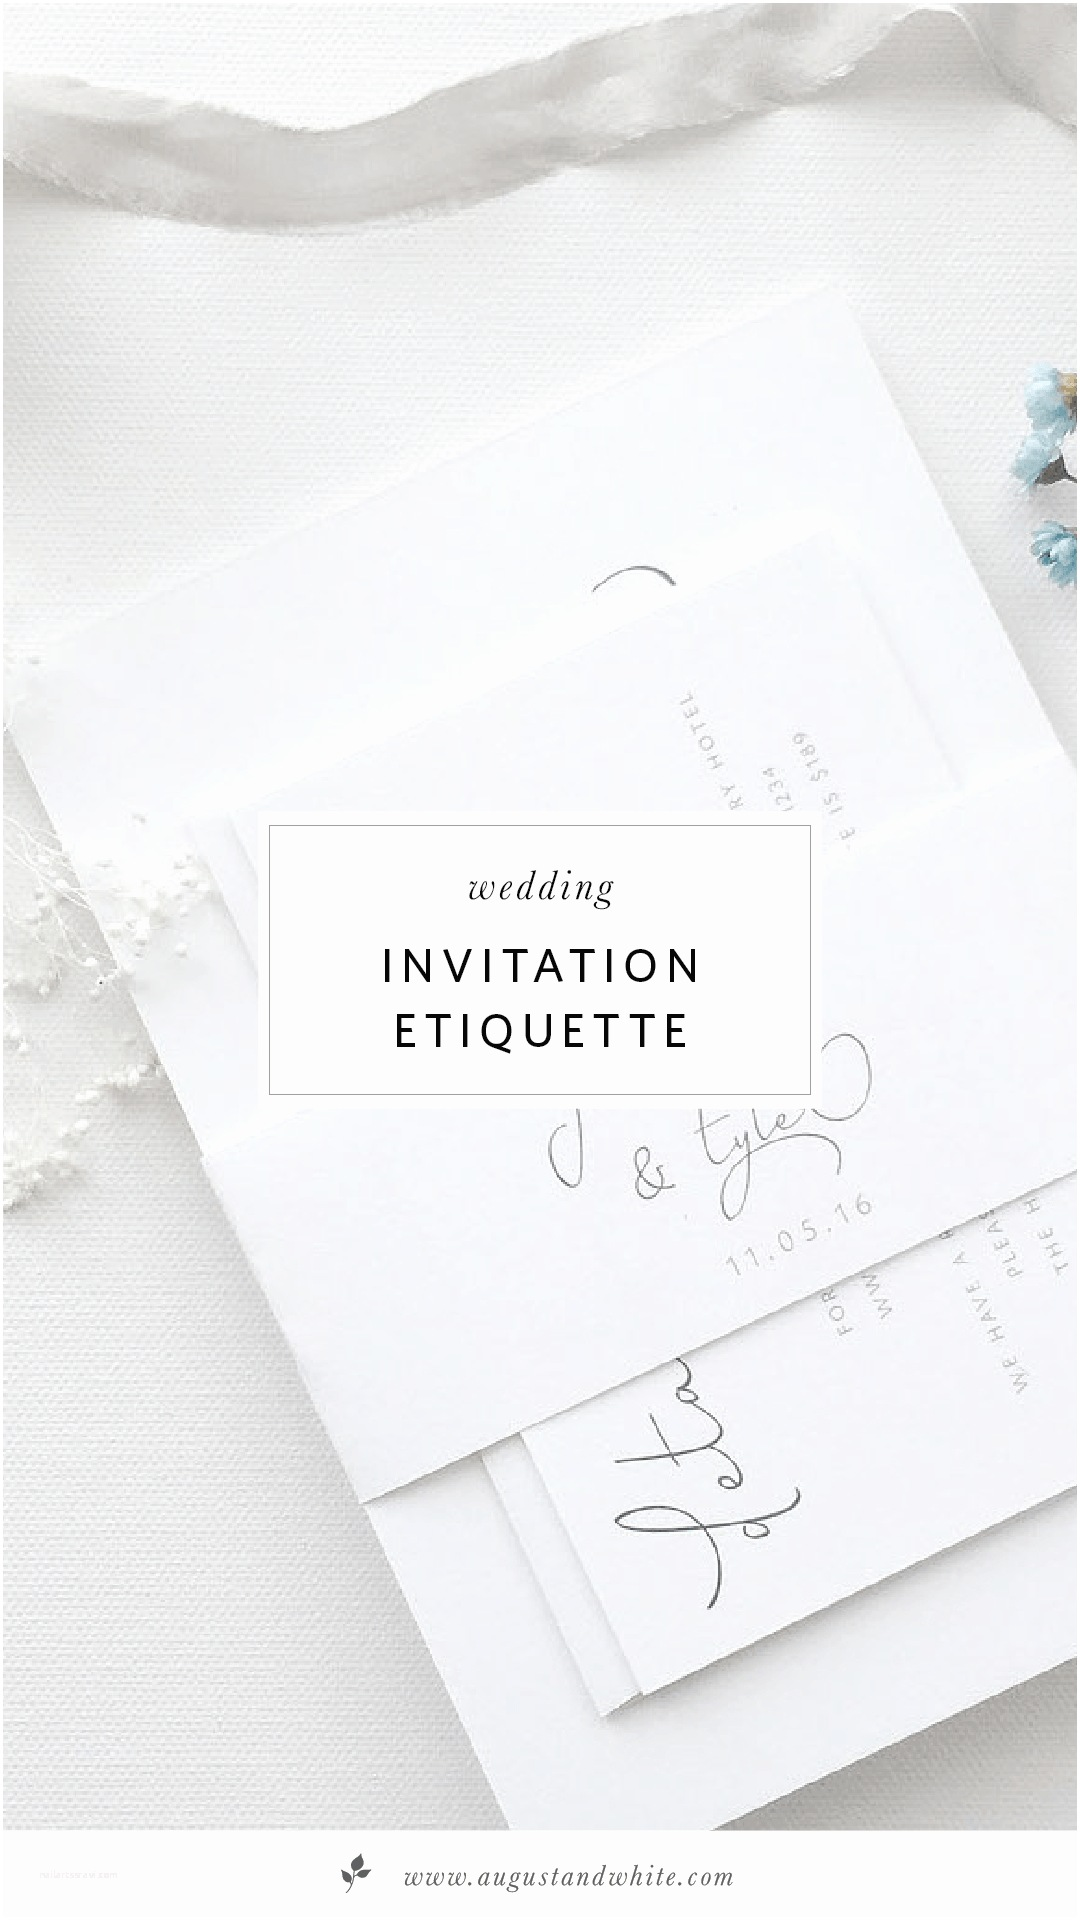 Wedding Invitation Edicate Wedding Invitation Etiquette